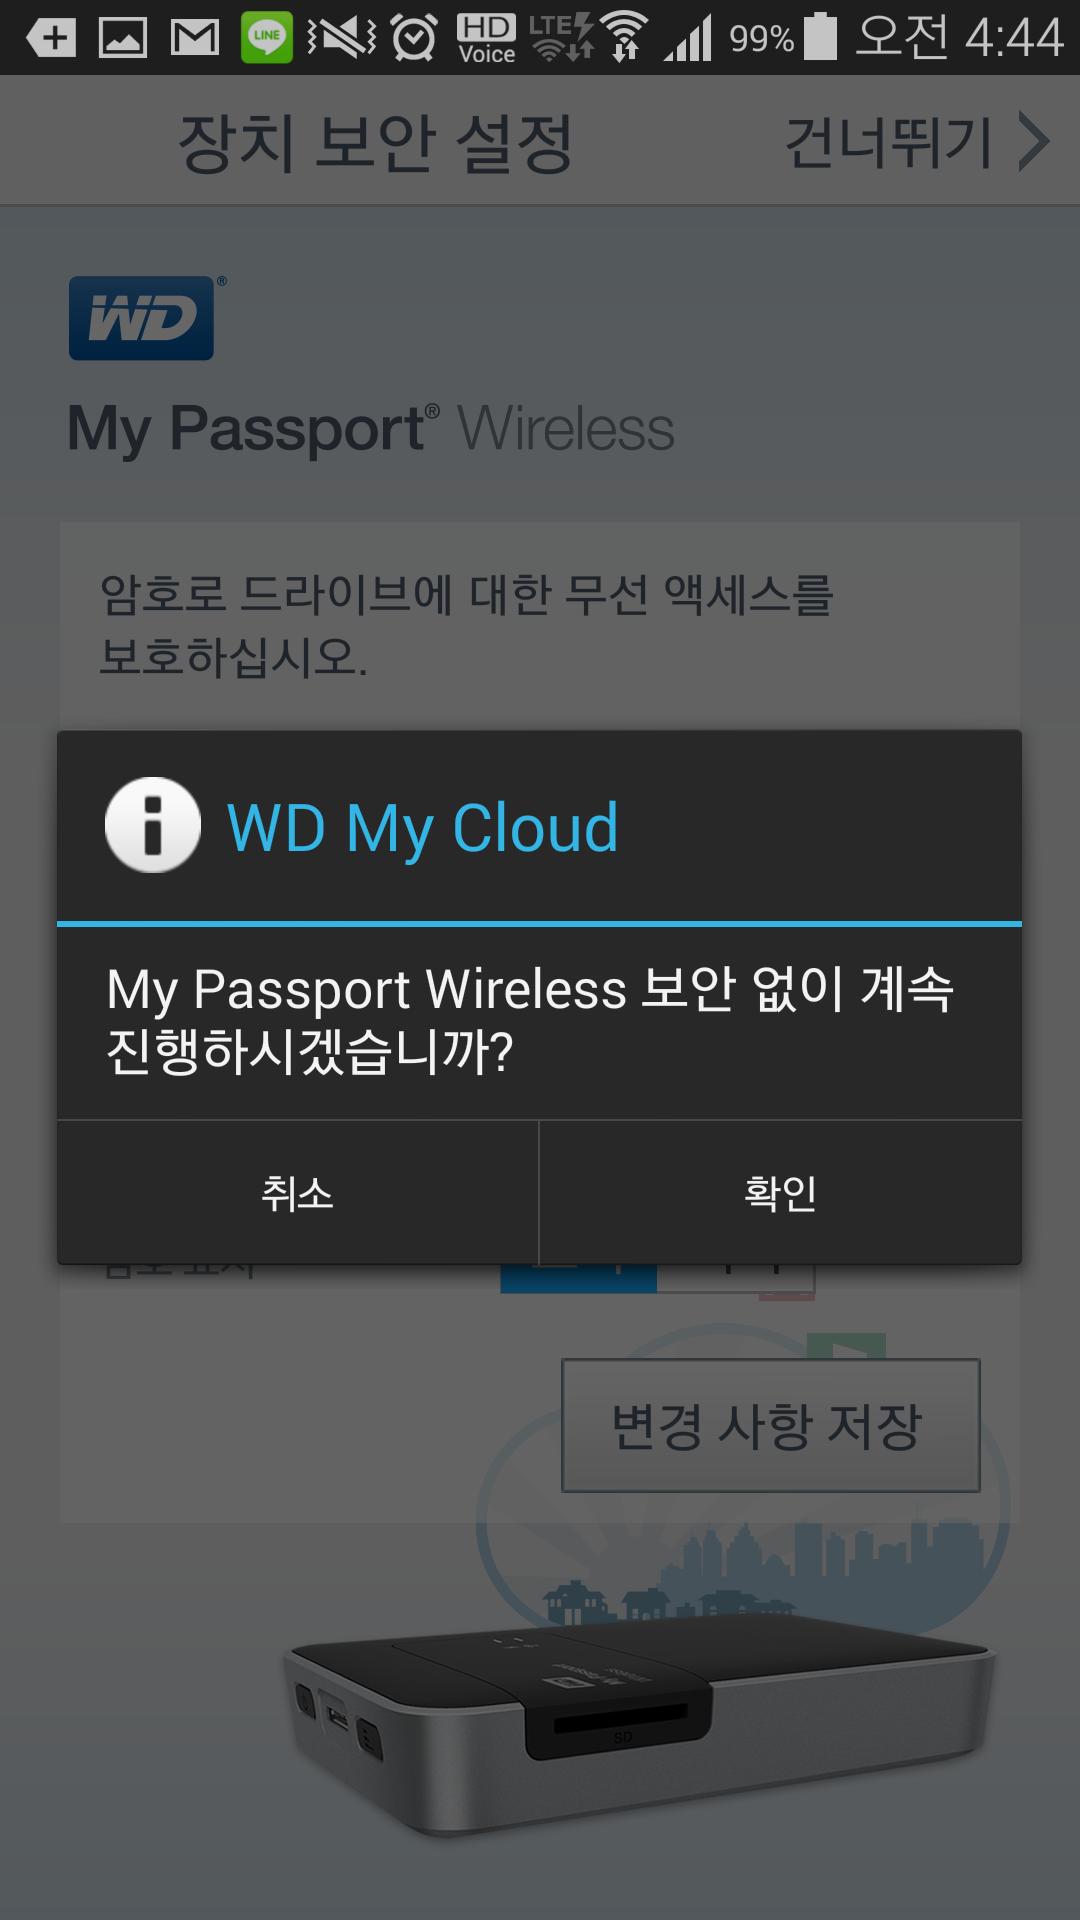 WD My Passport Wireless 사용기, WD My Passport Wireless 가장 자세한 리뷰,리뷰,사용기,WD My Passport Wireless,마이패스포트 와이어리스,마이 패스포트 와이어리스,WD 무선 외장하드,무선외장하드,배터리,충전,성능,발열,속도,WD My Passport Wireless 벤치마크, WD My Passport Wireless 속도,WD My Passport Wireless 사용기 가장 자세한 리뷰를 올려봅니다. 아직은 국내에 후기가 없는데요. 제가 먼저 올려봅니다. 외장하드를 무선으로 들고다니는 타입은 이미 나왔지만 웨스턴디지털에서 내어놓은것은 처음이긴 한데요. 곧 국내에 출시될 WD My Passport Wireless 사용을 해보고 이 제품의 특징과 그리고 실제 사용시 활용 방법, 그리고 단점은 없는지 확인해 볼 것입니다. 외장하드를 들고다니면서 쓰는것은 스마트폰 때문에 생긴 타입이긴 합니다. 스마트폰의 저장 공간이 점점 많아지고 있긴 하지만 아직은 대용량의 컨텐츠들을 많이 들고다니기에는 부족합니다. WD My Passport Wireless 사용을 하면 여러 스마트폰을 연결해서 동영상이나 음악 사진을 볼 수 있습니다. 집에서 여러 사용자가 연결해서 사용하는 공용 스토리지로 사용할 수 도 있죠. 또는 들고다니는 USB 3.0 외장하드의 역할도 할 수 있습니다.  외장하드와 차이나는 무선 외장하드라는 것은 쉽게 생각하면 외장하드에 내부에 배터리가 들어있고 무선으로 연결할 수 있는 AP가 내장된 모델로 볼 수 있습니다. 그런데 WD My Passport Wireless는 몇 가지 특이한 점이 있습니다. SD슬롯을 내장하고 있으며, FTP 접속, SSH 접속 또한 지원을 합니다. 내부 전송속도 또한 크게 개선했습니다. 카메라나 캠코더 촬영 후 SD 메모리를 장착하면 자동으로 내용을 복사 또는 이동해주게 됩니다. 배터리의 잔량도 4단계로 확인할 수 있으며 WPS 버튼도 있어서 쉽게 네트워크에 연결할 수 있게 해 줍니다. WD My Cloud은 상당히 직관적이었고 사용이 편리했습니다. 초보자도 쉽게 설정하고 사용할 수 있도록 한 부분이 상당히 인상적이었네요. 그럼 자세한 리뷰를 통해서 제품의 기능들을 모두 파악해보도록 하겠습니다.